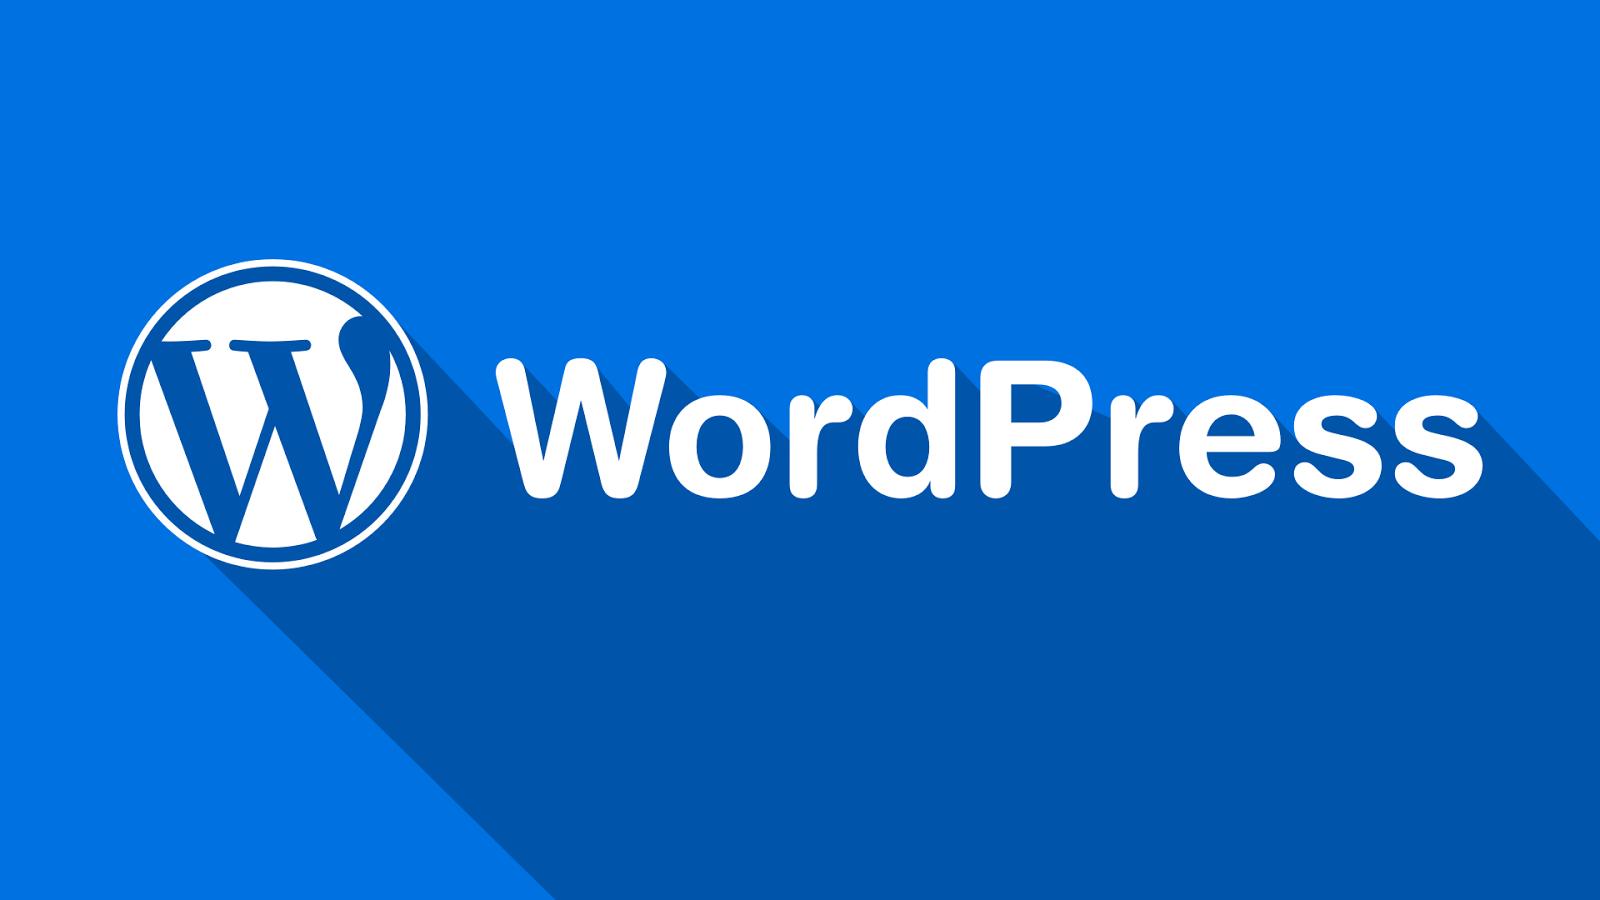 cara, menginstal, wordpress, website, blog, self, hosting, domain, membuat, cpanel